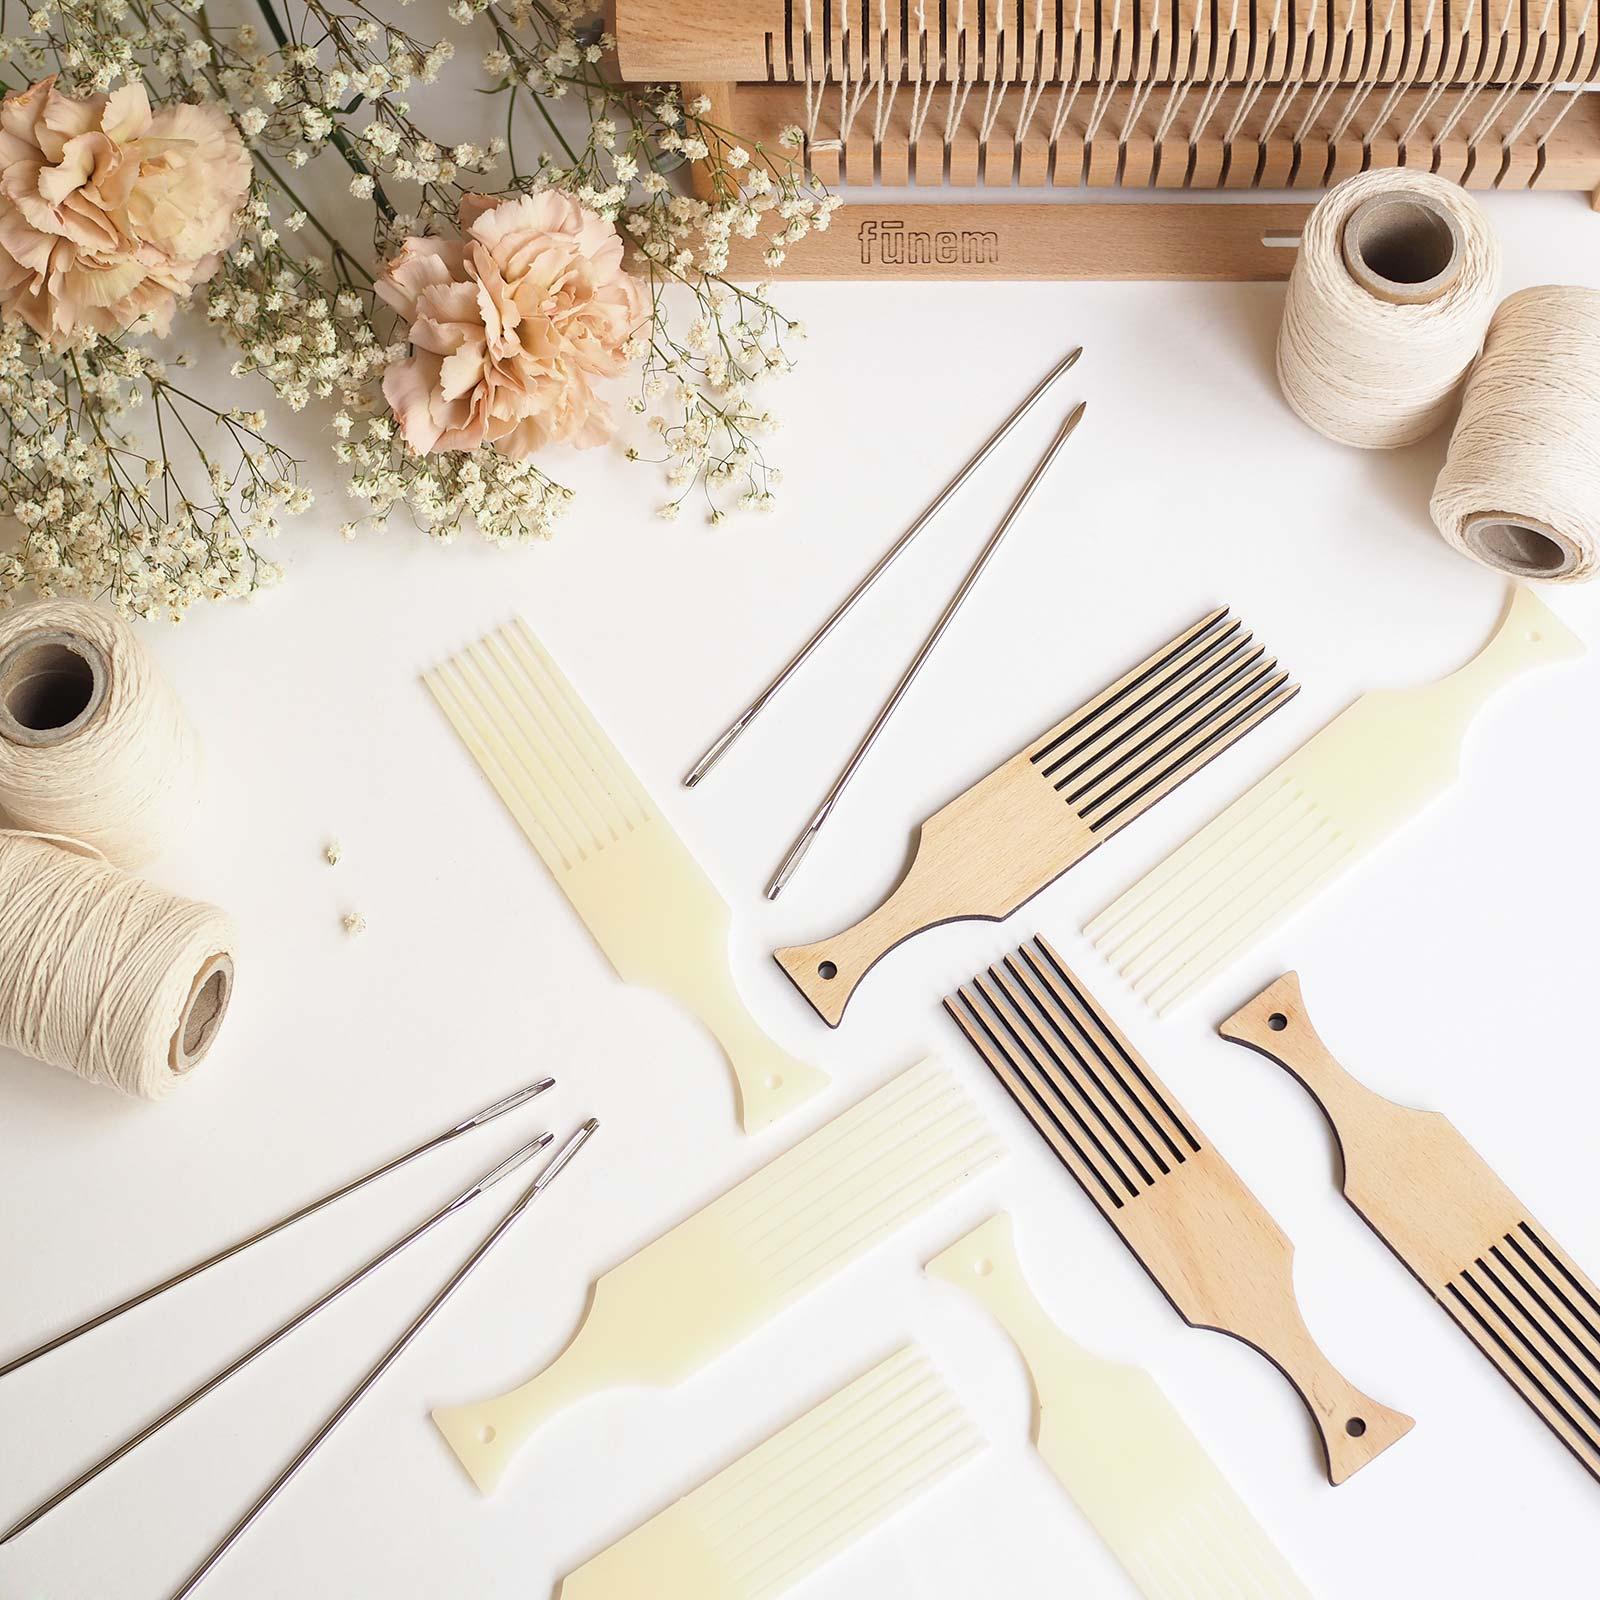 accessoires métier à tisser défi tissage peignes laboutiquedemelimelo